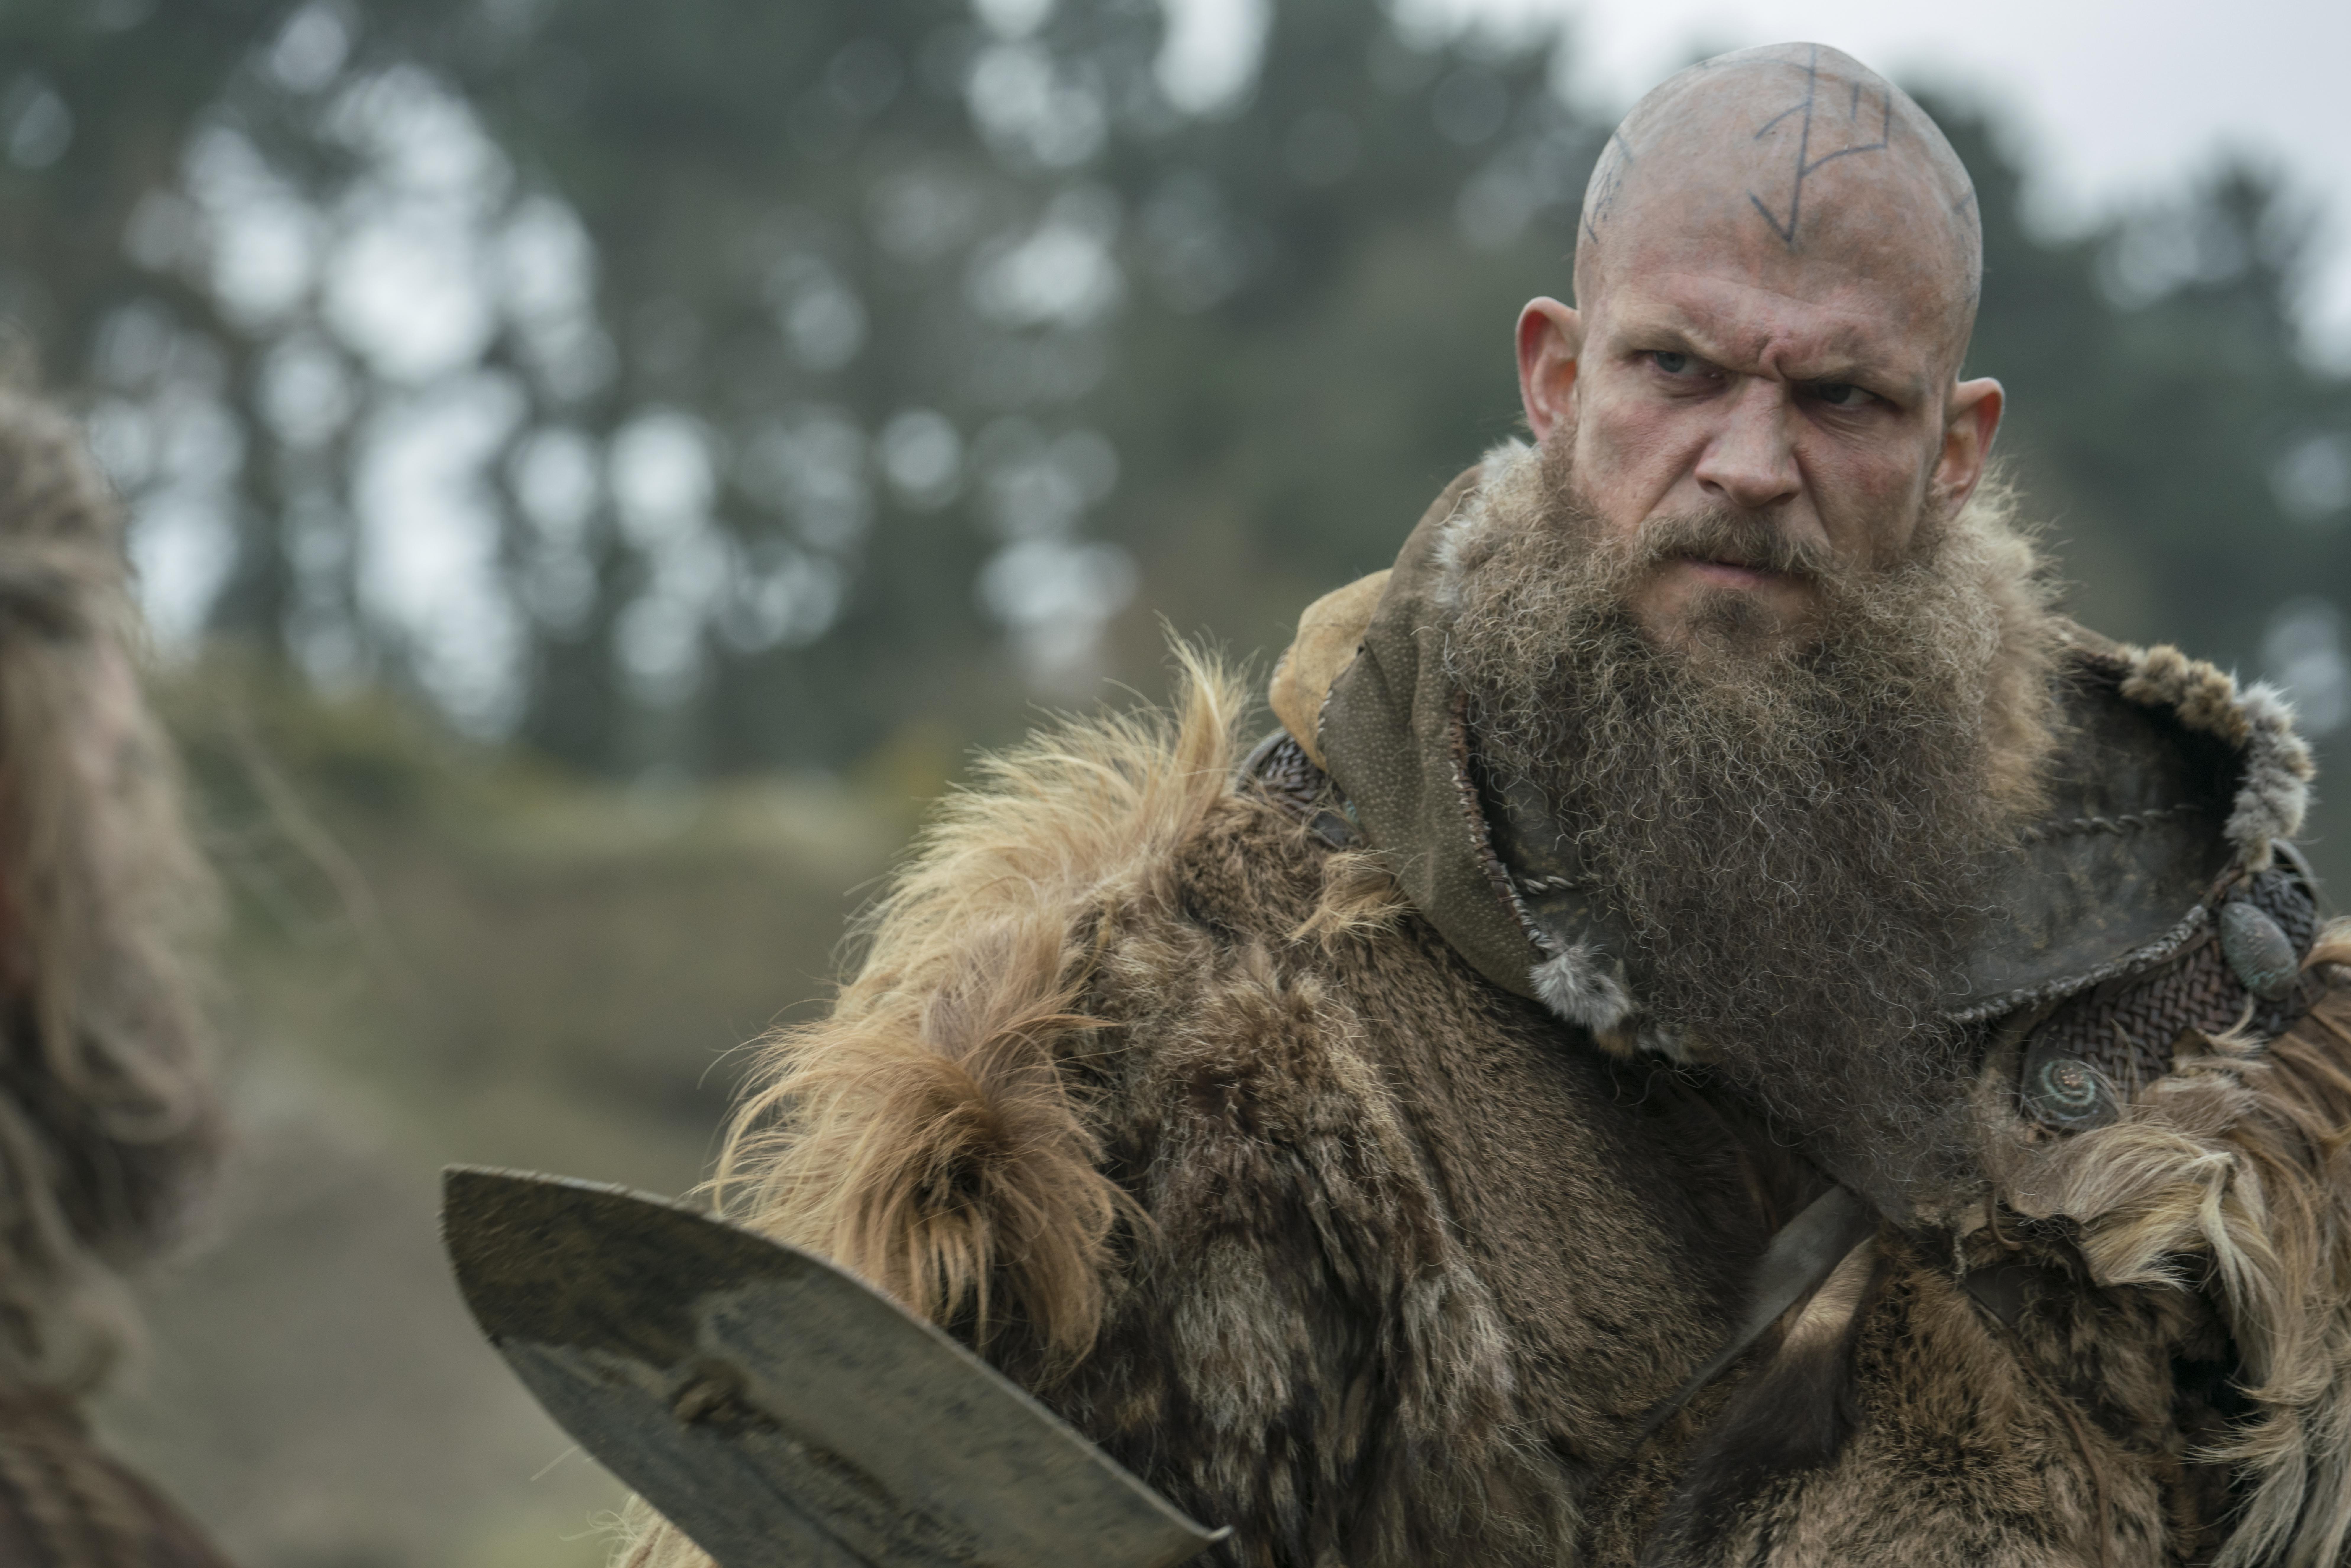 Vikings Season 5, Episode 19 recap: What does Floki find in